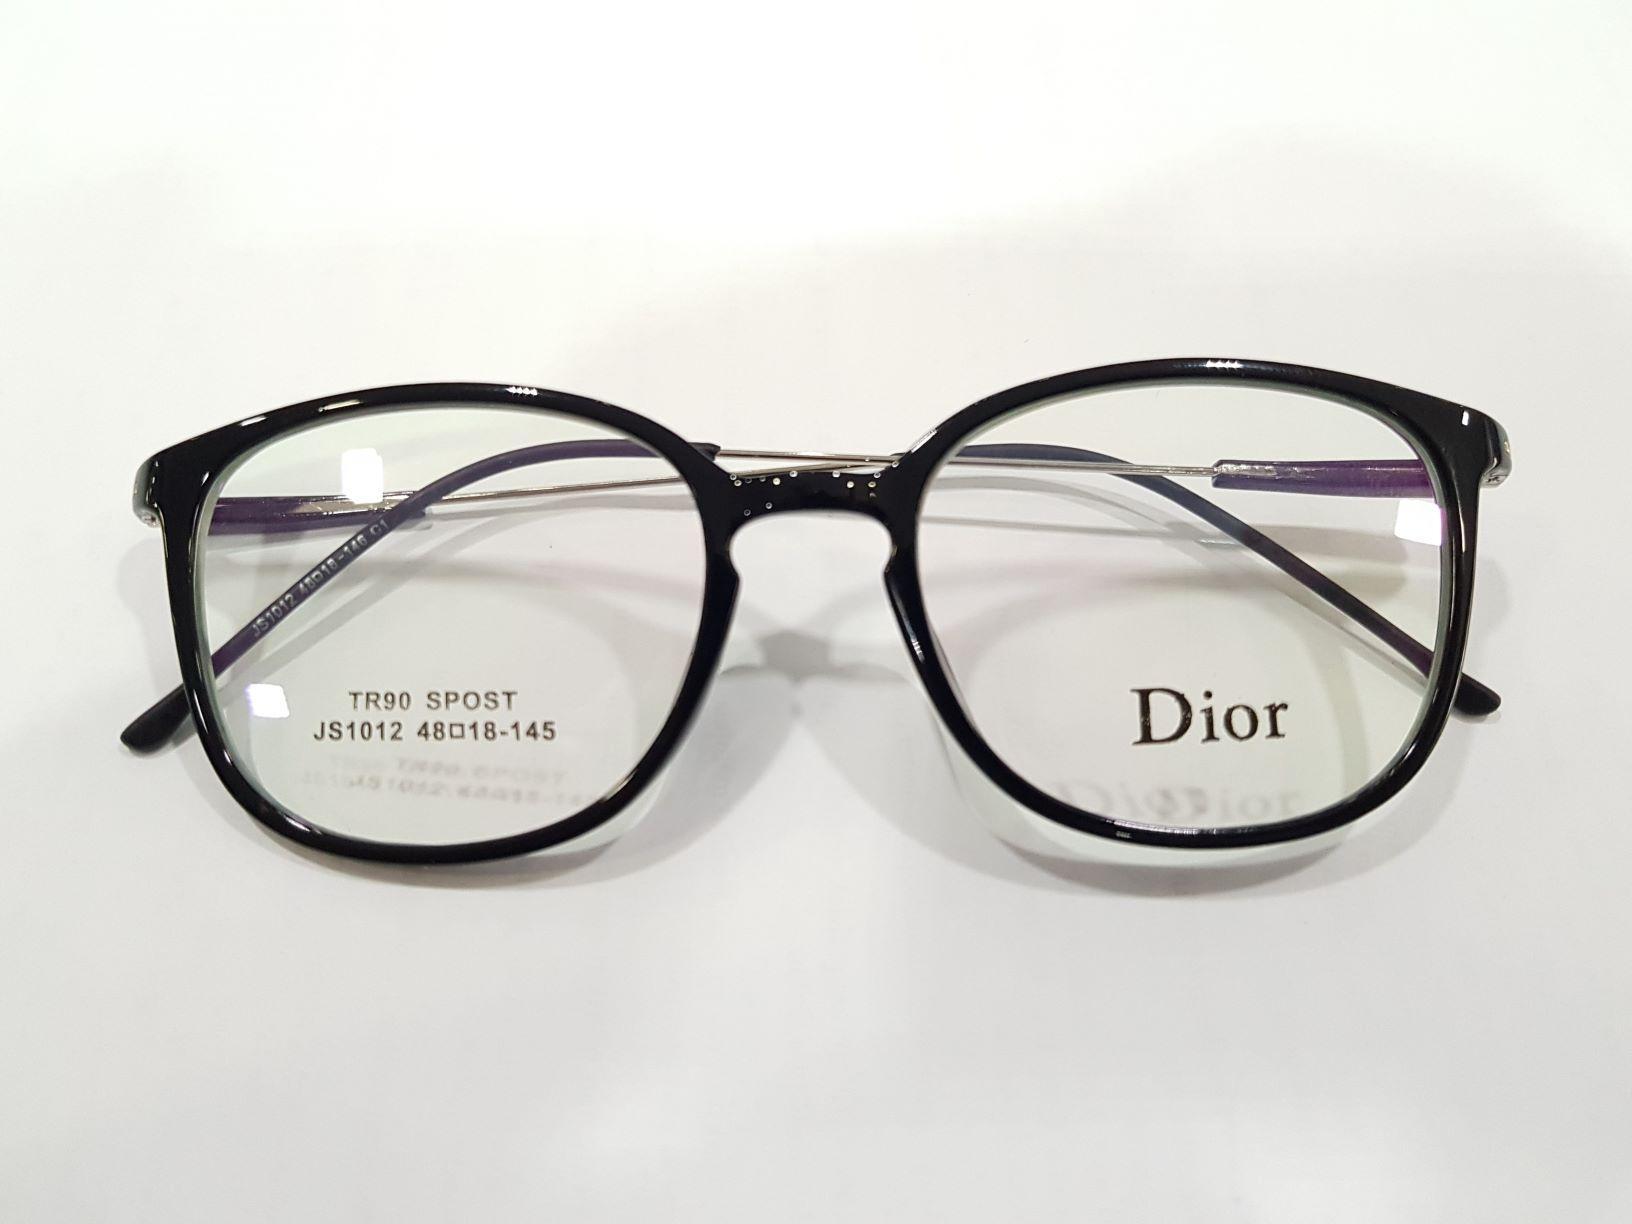 Frame kacamata Dior + lensa minus anti radiasi 35f3a73aa0